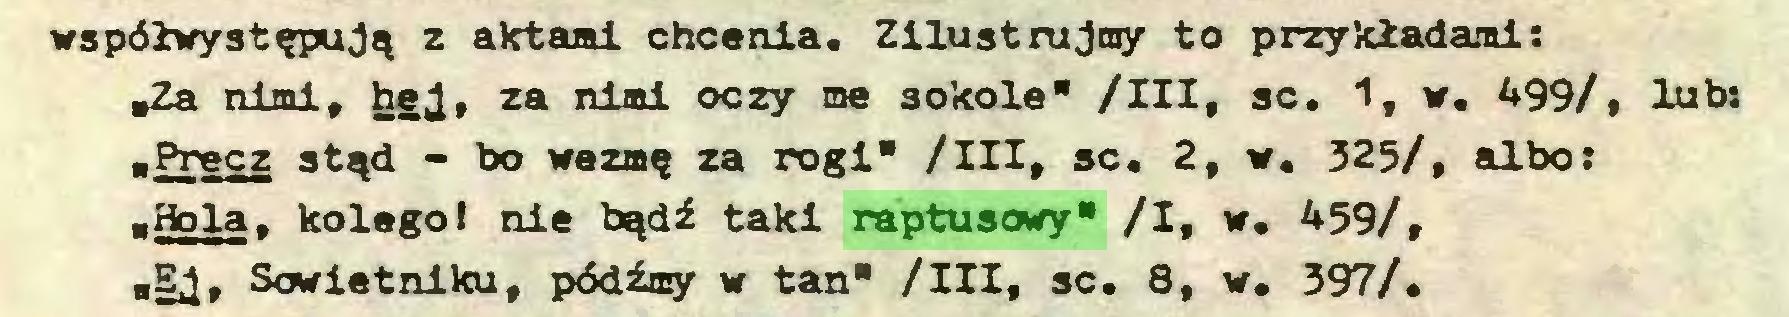 """(...) współwystępują z aktami chcenia. Zilustrujmy to przykładami: """"Za nimi, hgj, za nimi oczy me sokole"""" /III, sc. 1, w. 499/, lub: ■Precz stąd - bo wezmę za rogi"""" /III, sc. 2, w. 325/, albo: ■Hola, kolegol nie bądź taki raptusowy* /I, w. 459/, """"EJ, Sowiet ni ku, pódźmy w tan"""" /III, sc. 8, w. 397/..."""